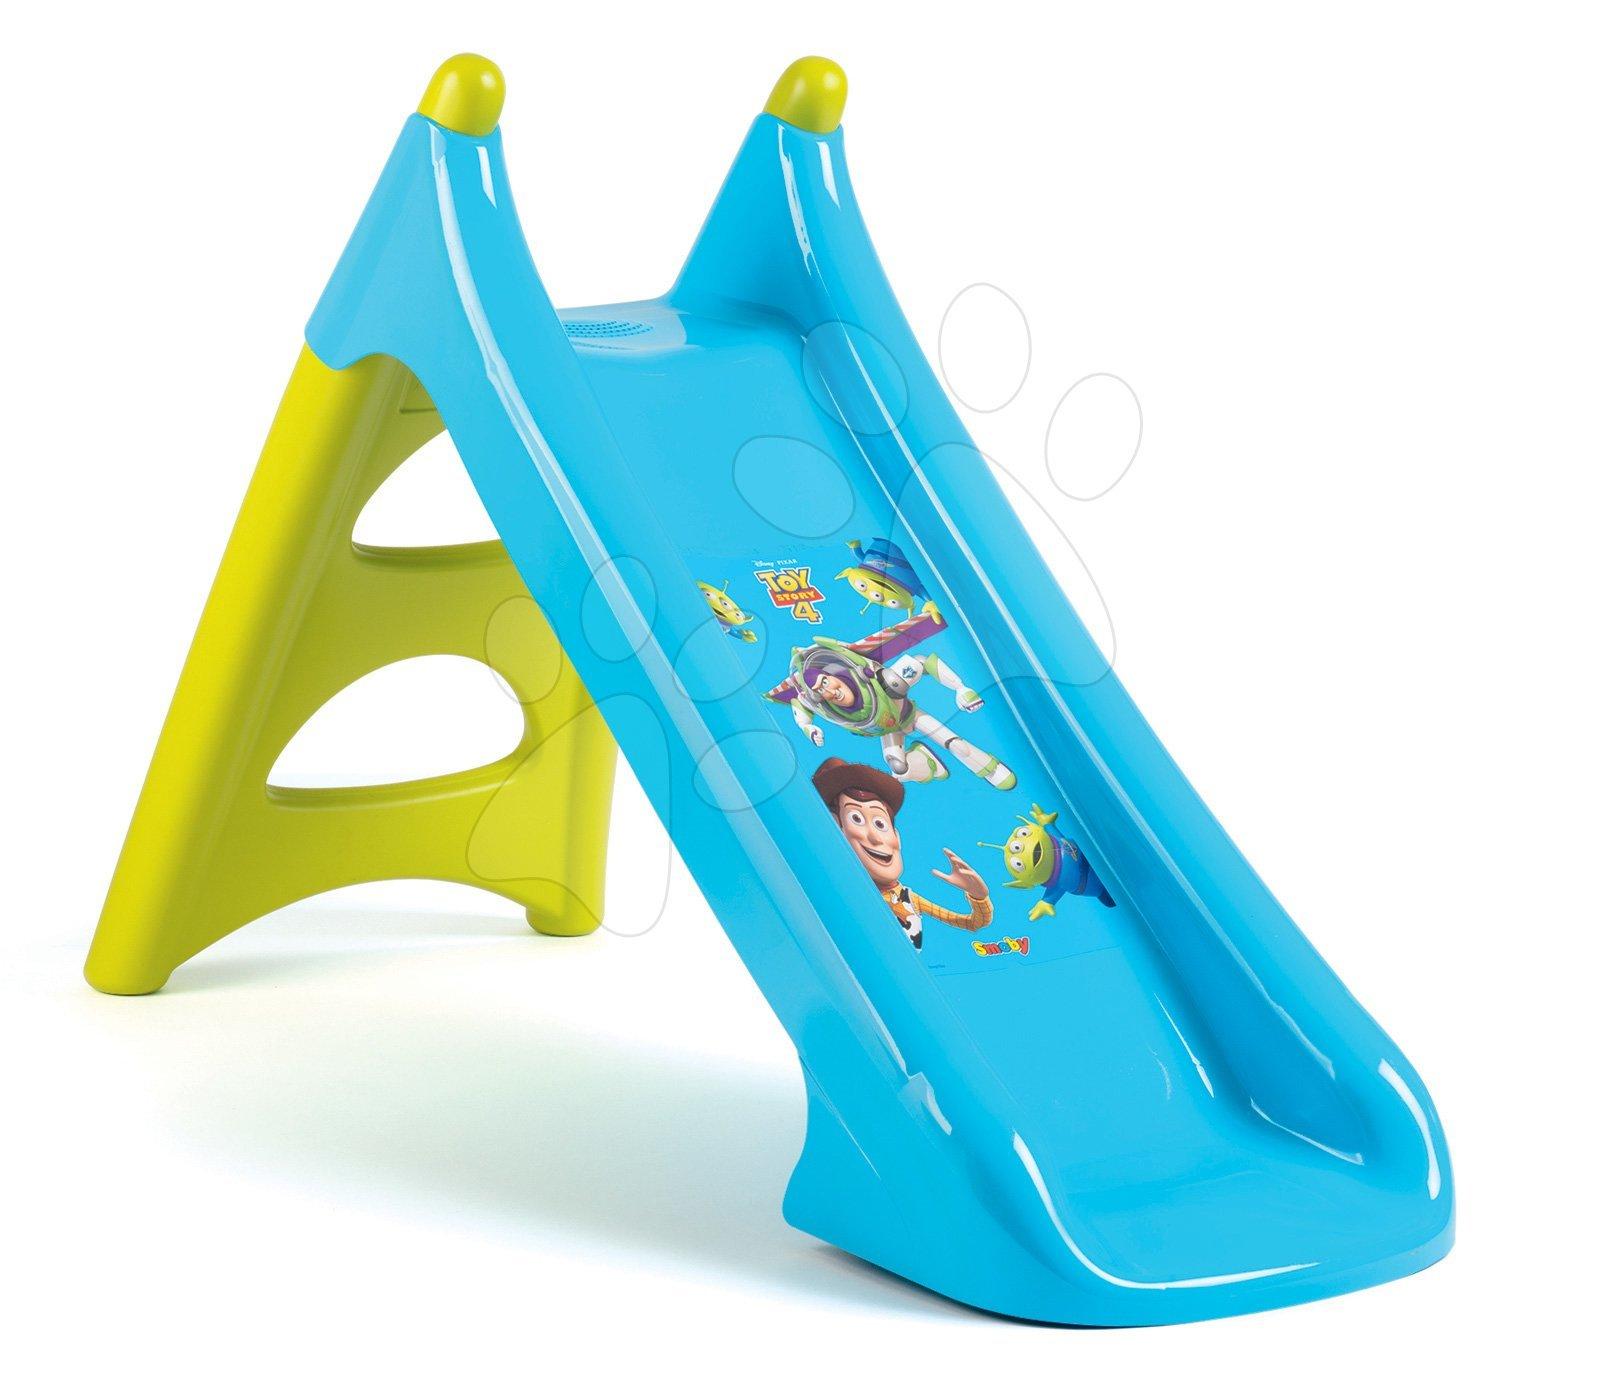 Skluzavka Disney Toy Story Toboggan XS Smoby s vodotryskem 90cm plocha na klouzání od 2 let